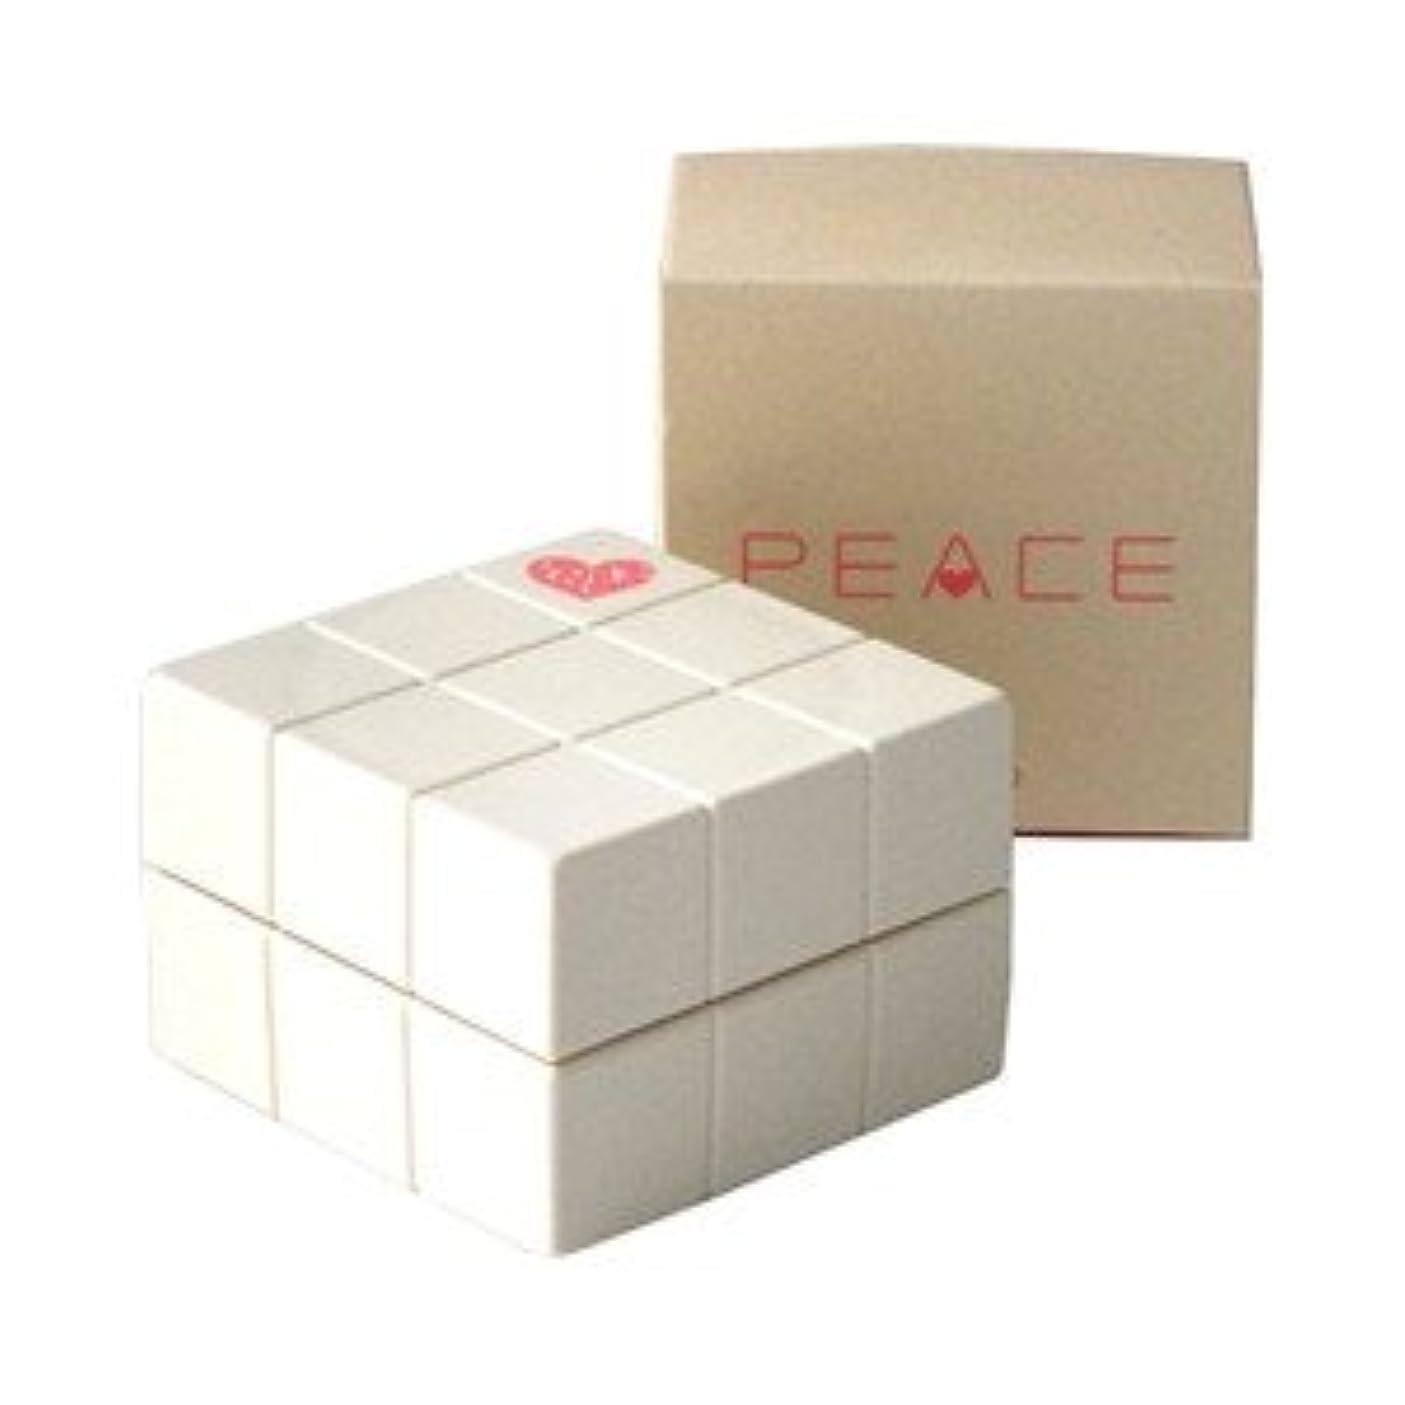 ミリメーター遺体安置所嫉妬アリミノ ピース プロデザイン ニュアンスワックス40g ×2個 セット arimino PEACE